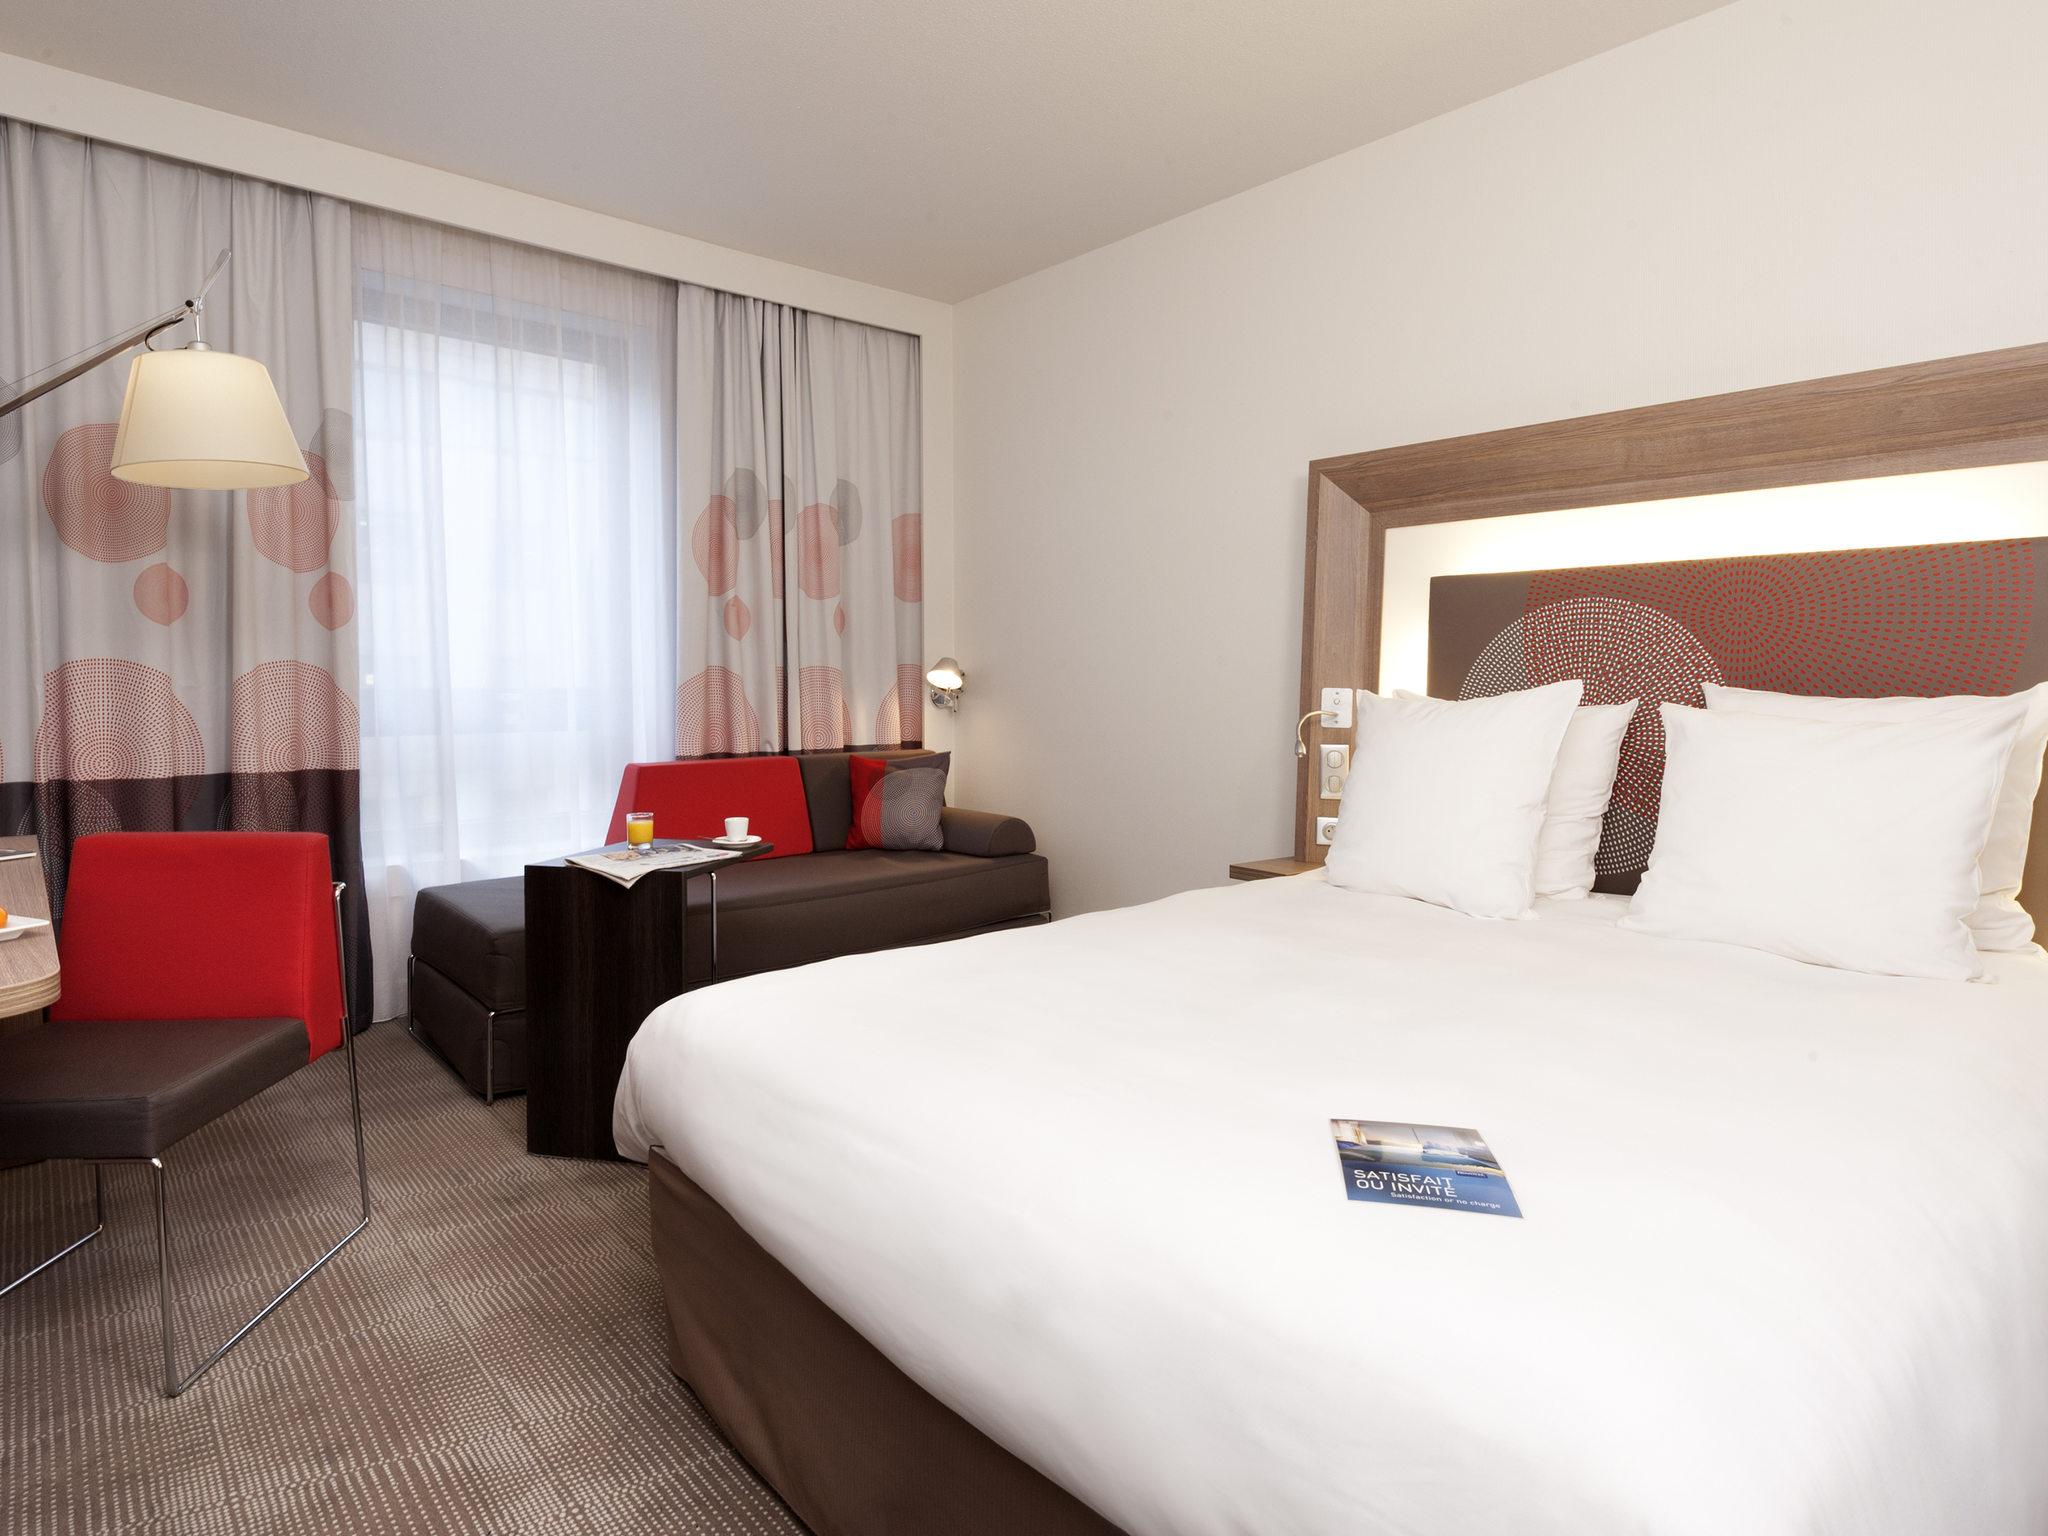 ホテル – ノボテルパリリュエイユマルメゾン